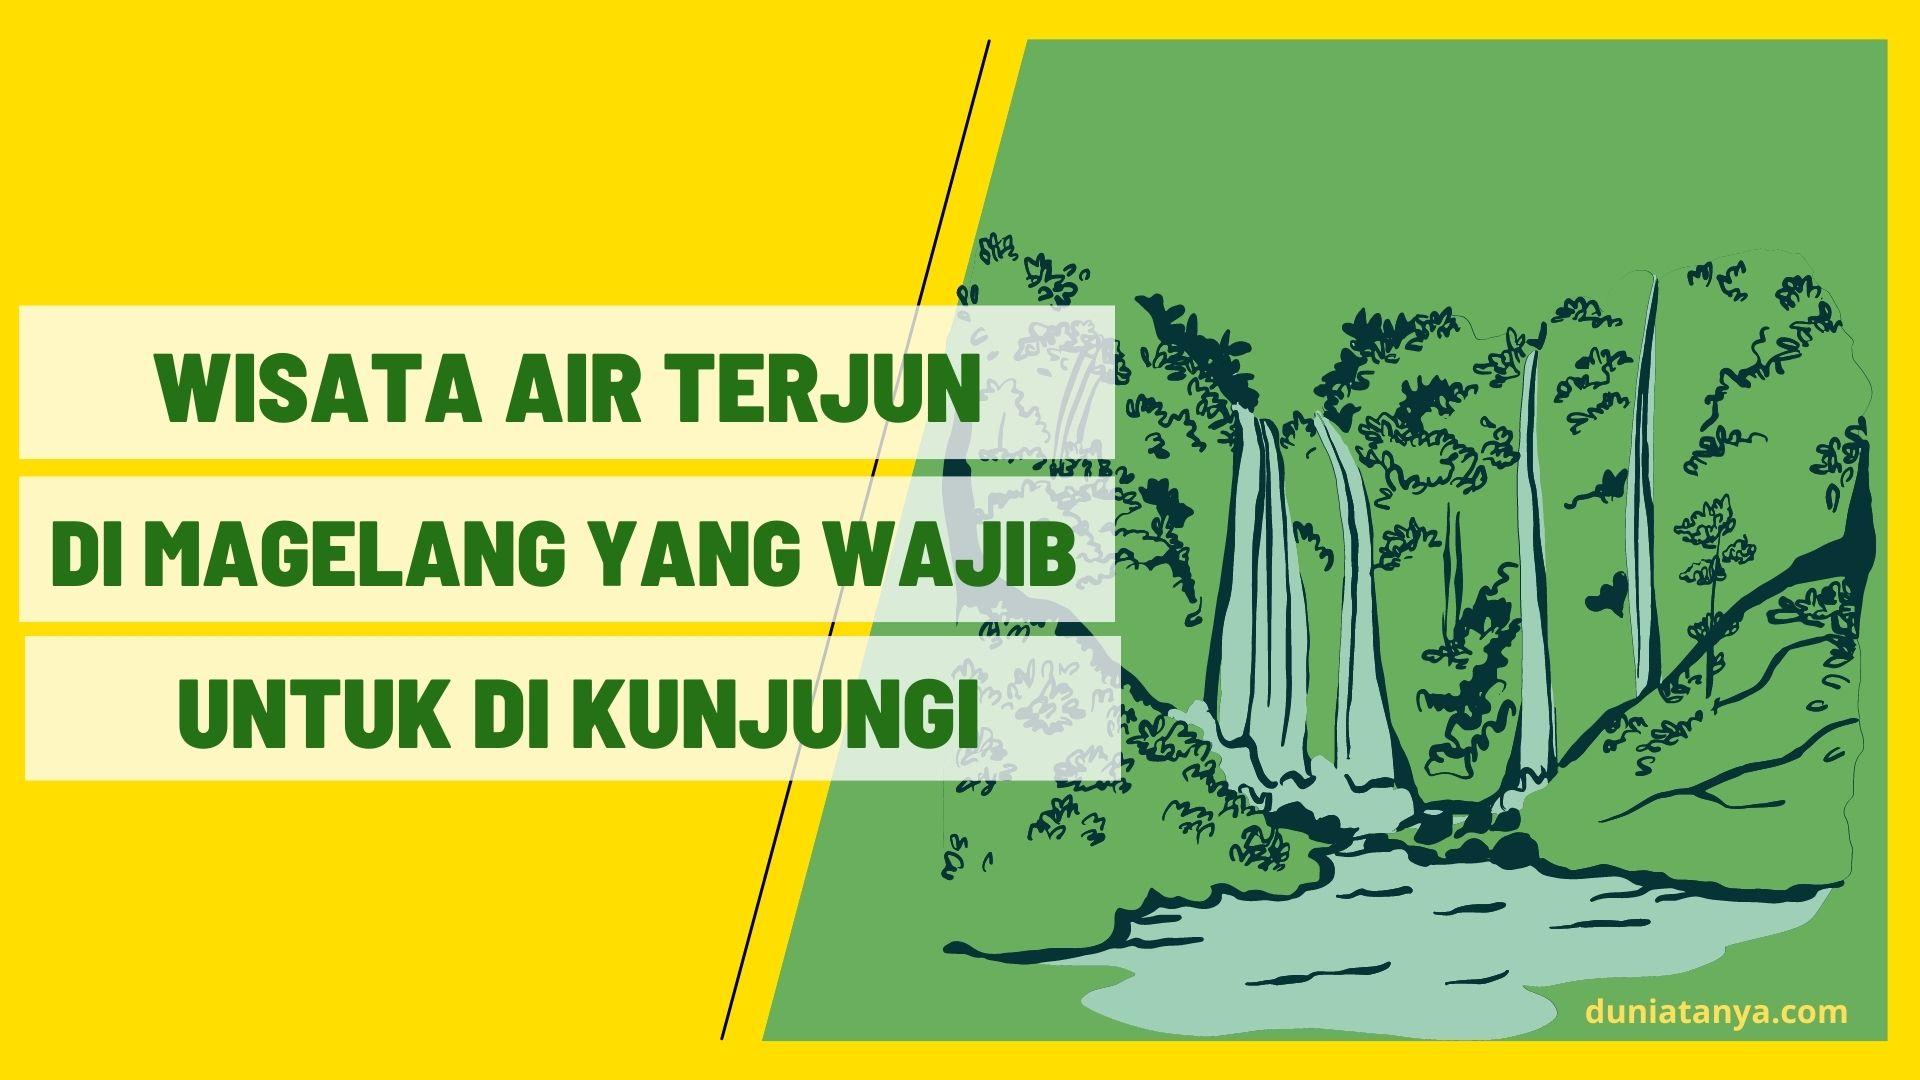 You are currently viewing Wisata Air Terjun Di Magelang Yang Wajib Untuk Di Kunjungi